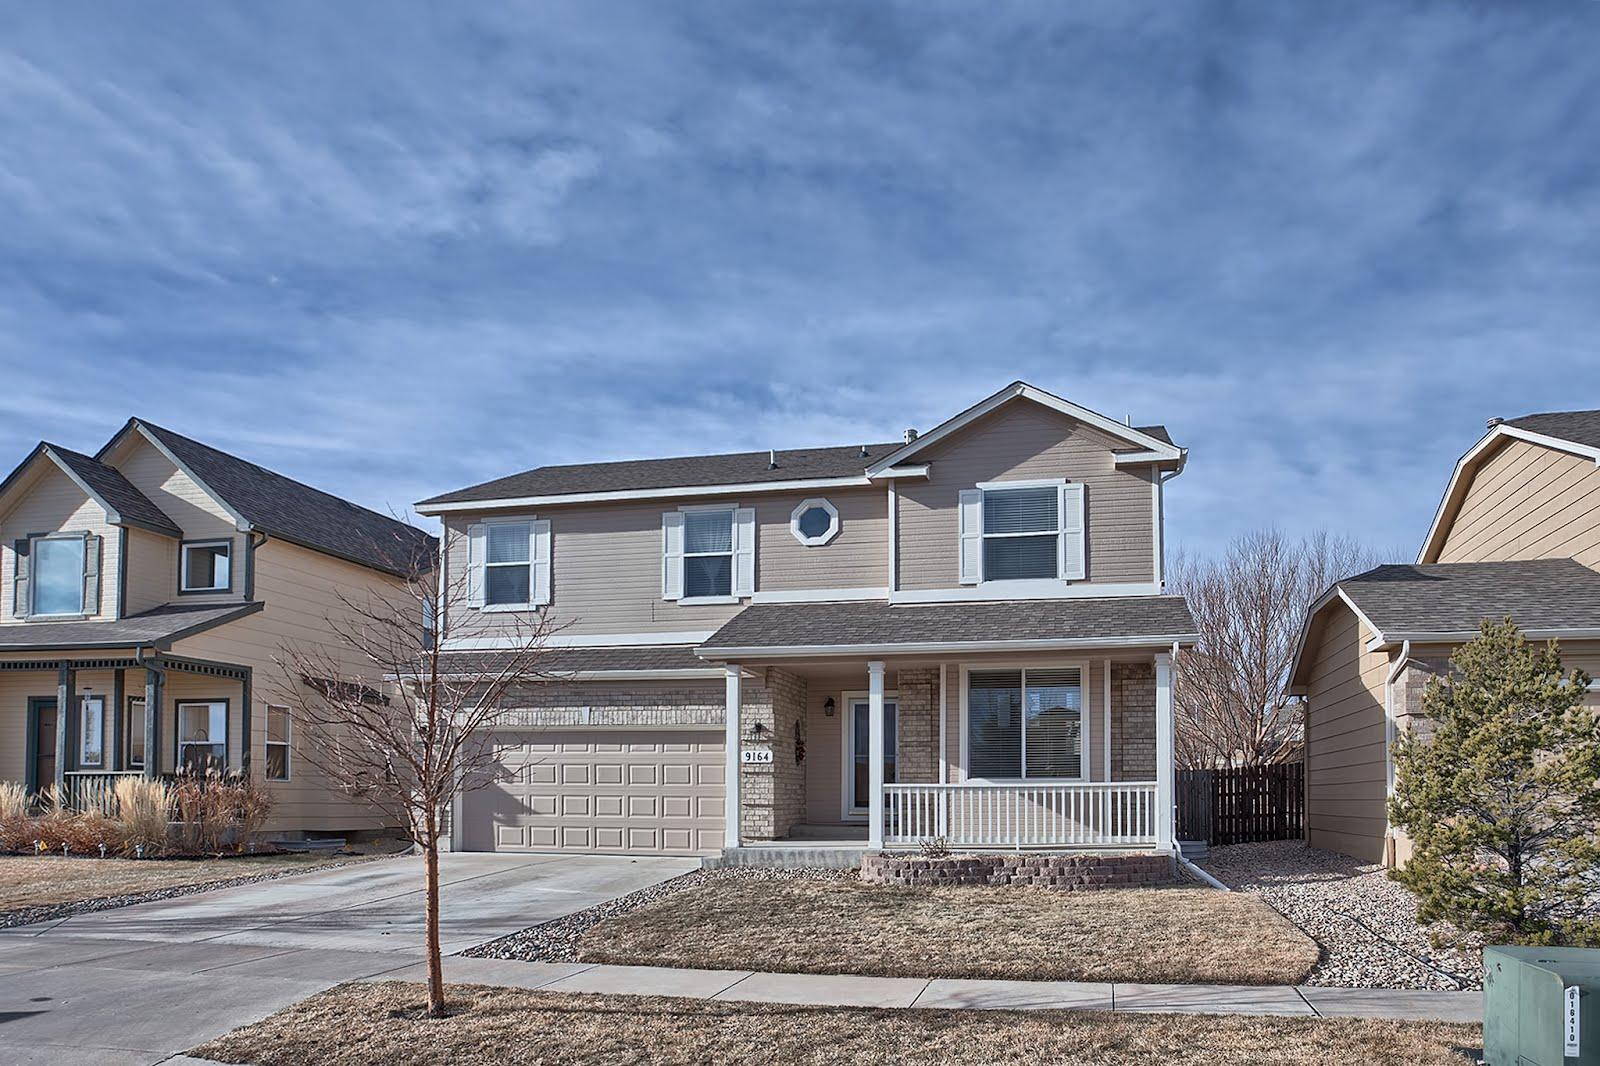 colorado springs real estate home for sale in colorado springs